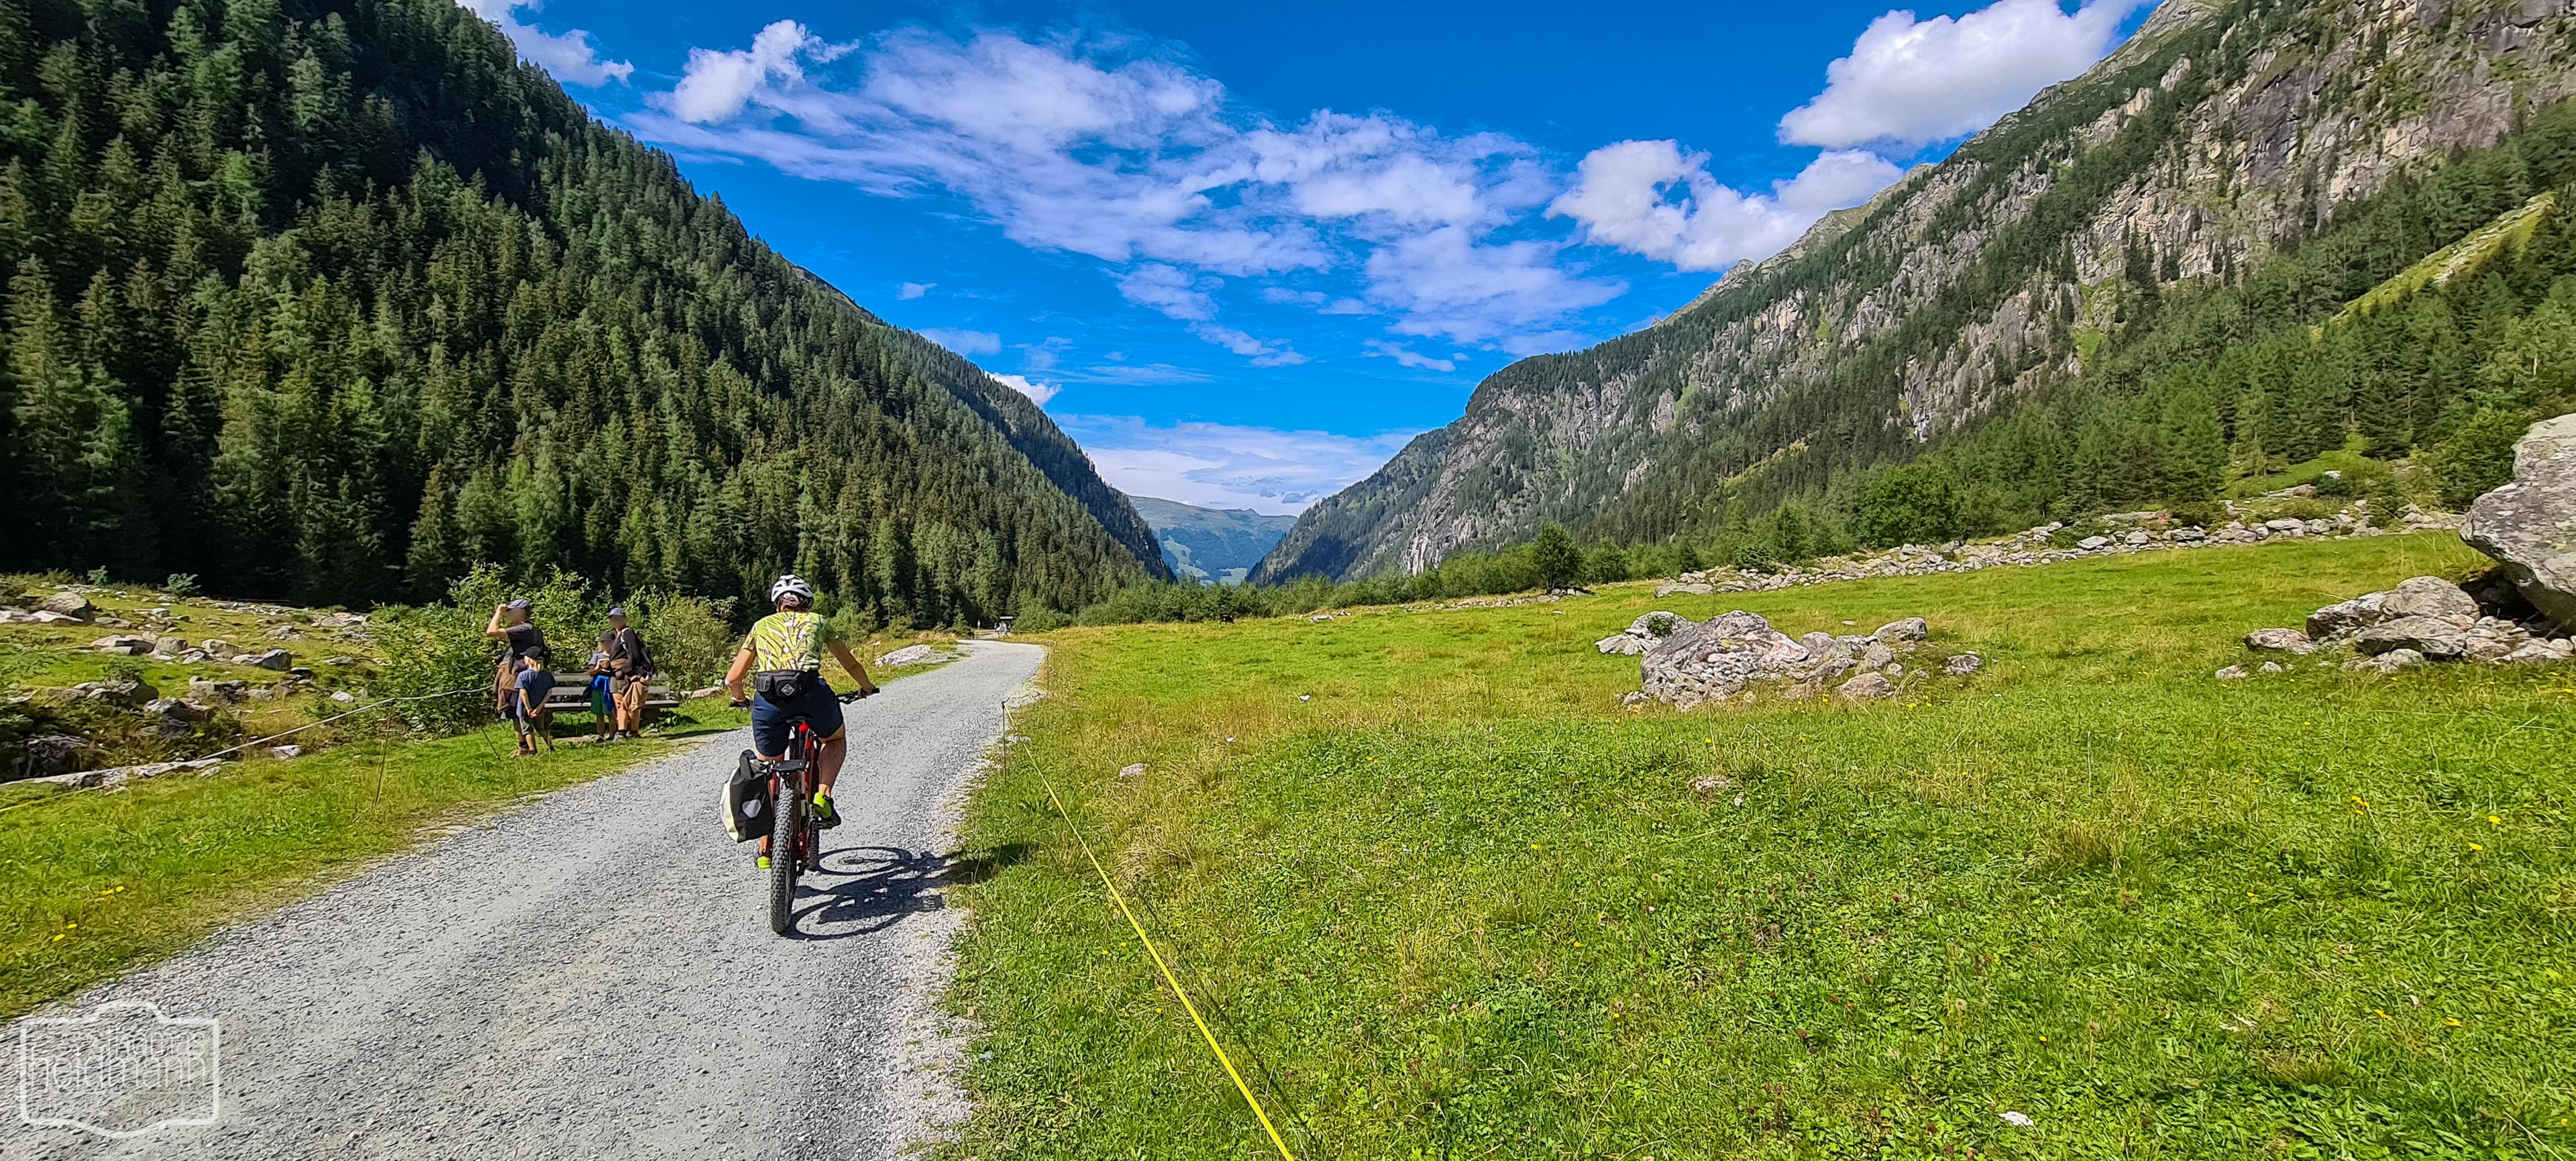 MTB-Tour durch das wildromntische Habachtal